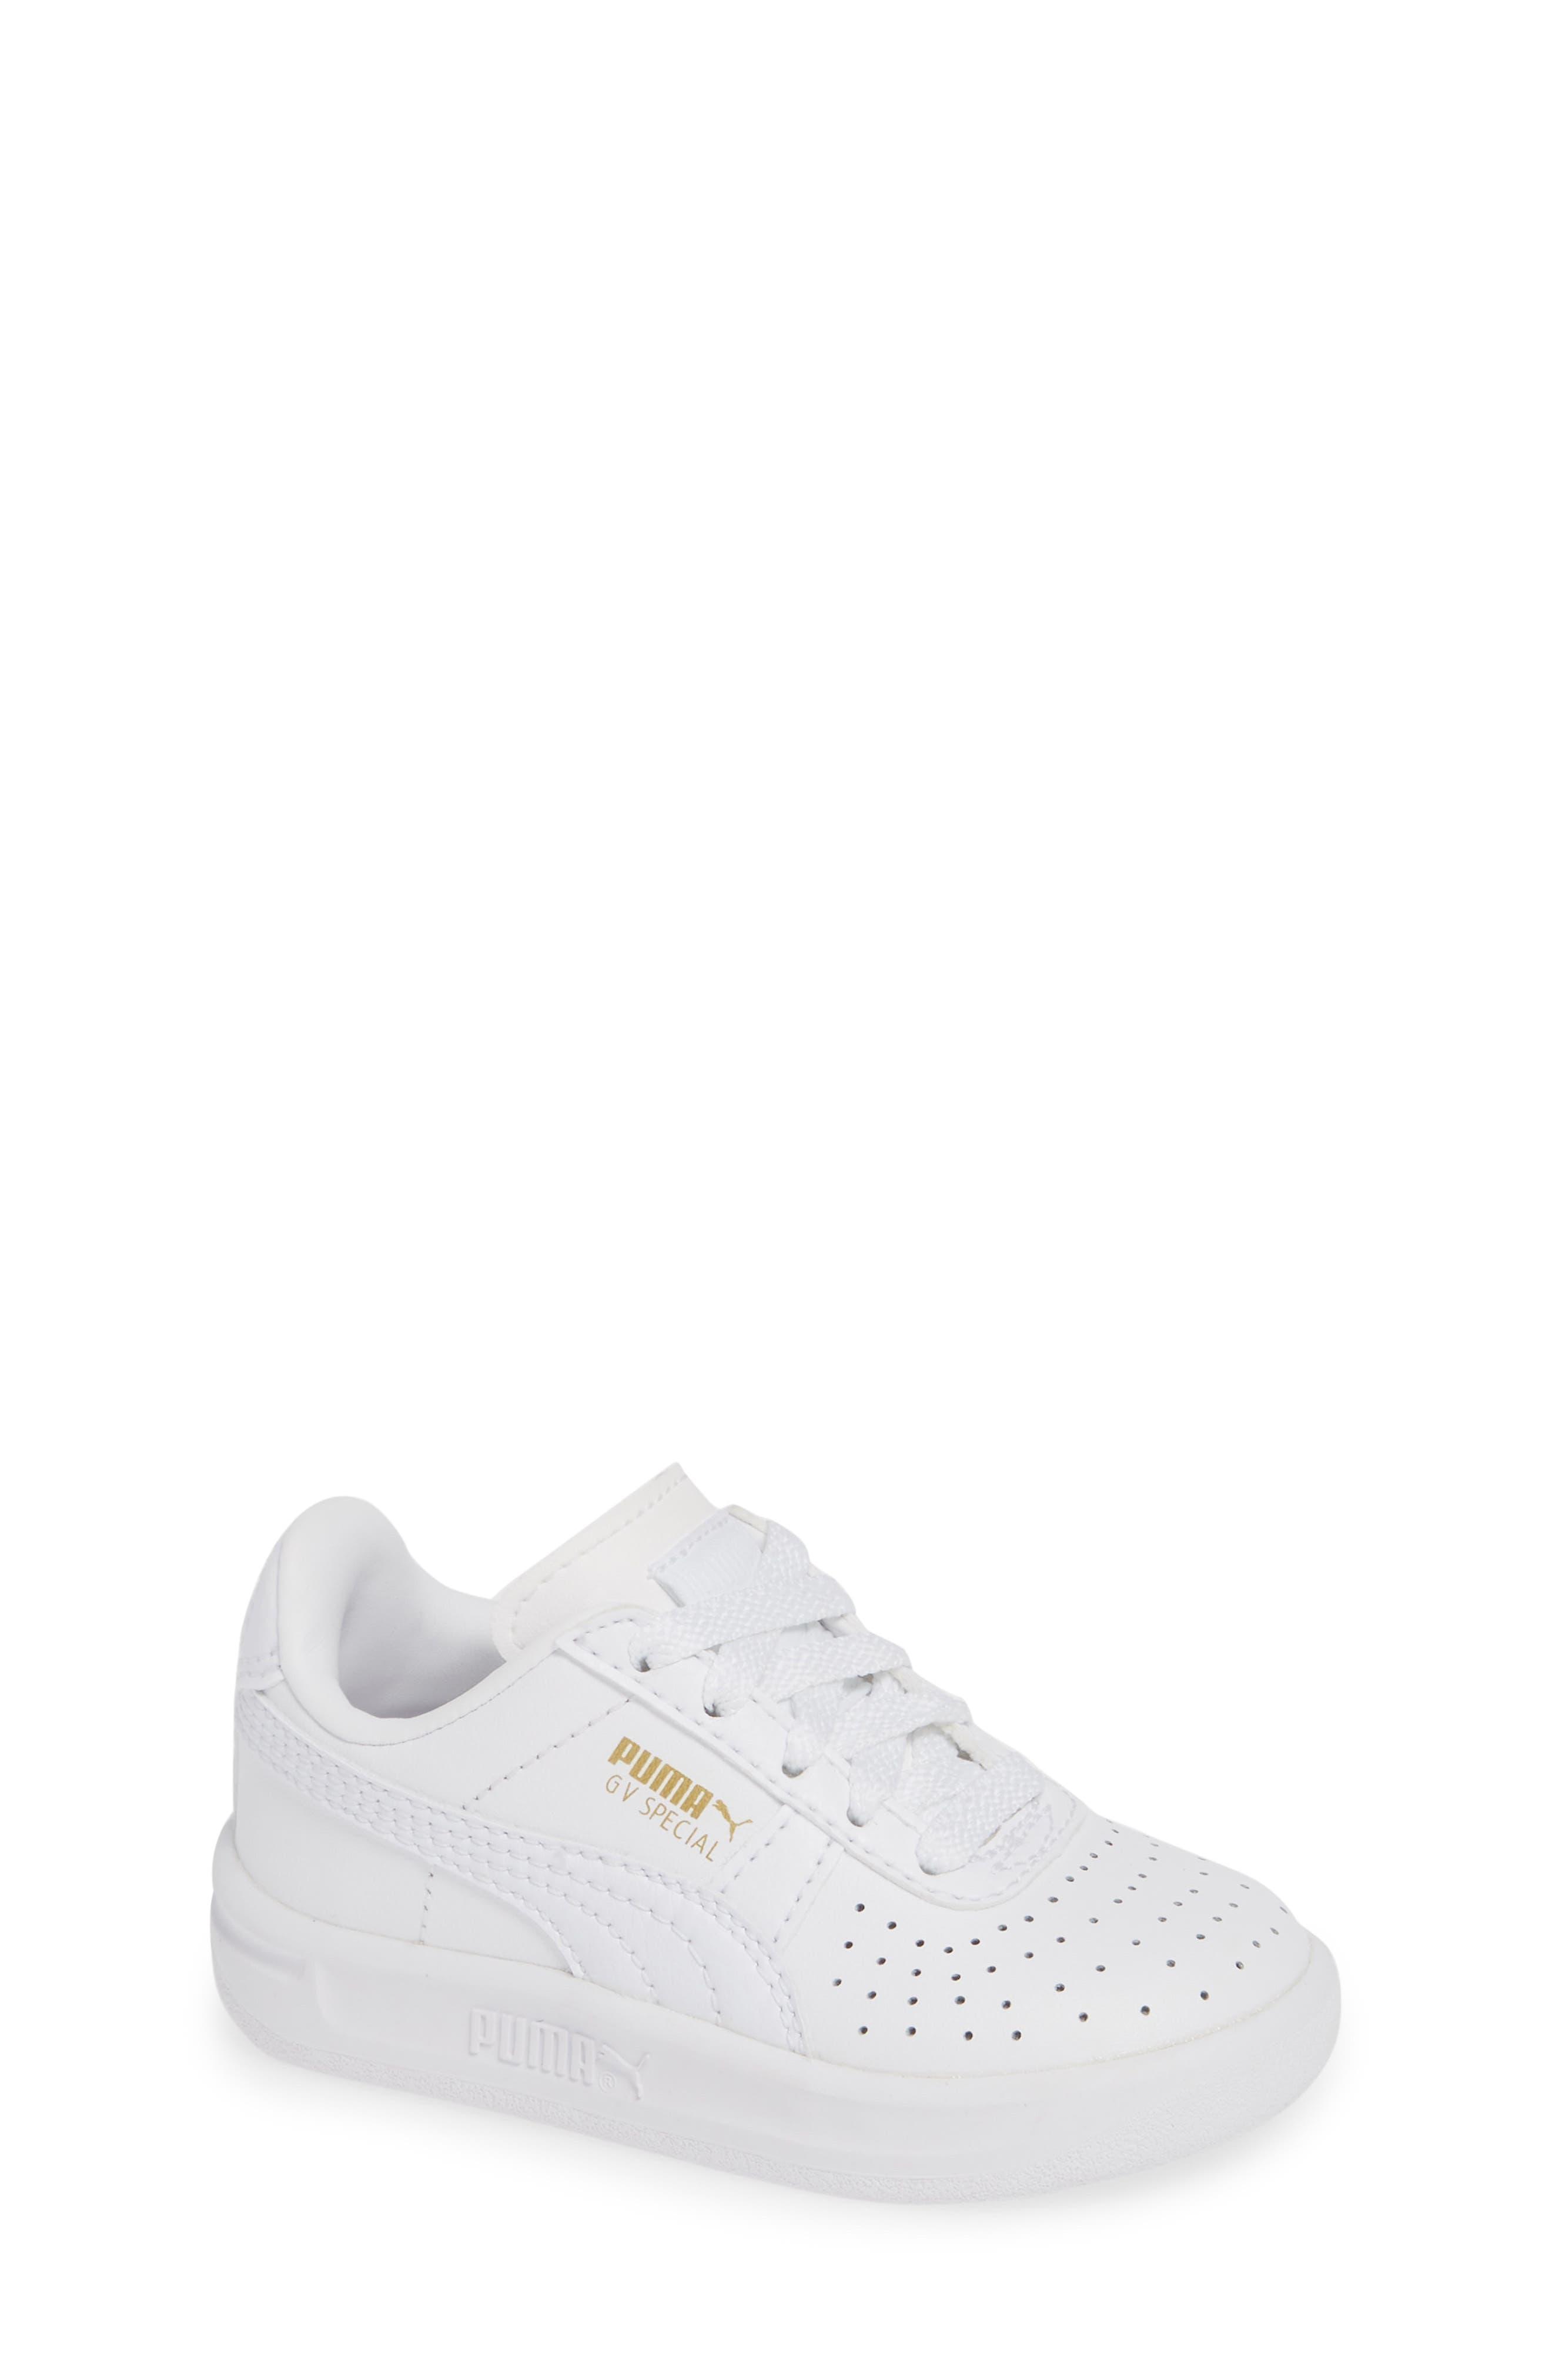 GV Special Sneaker, Main, color, PUMA WHITE-PUMA TEAM GOLD